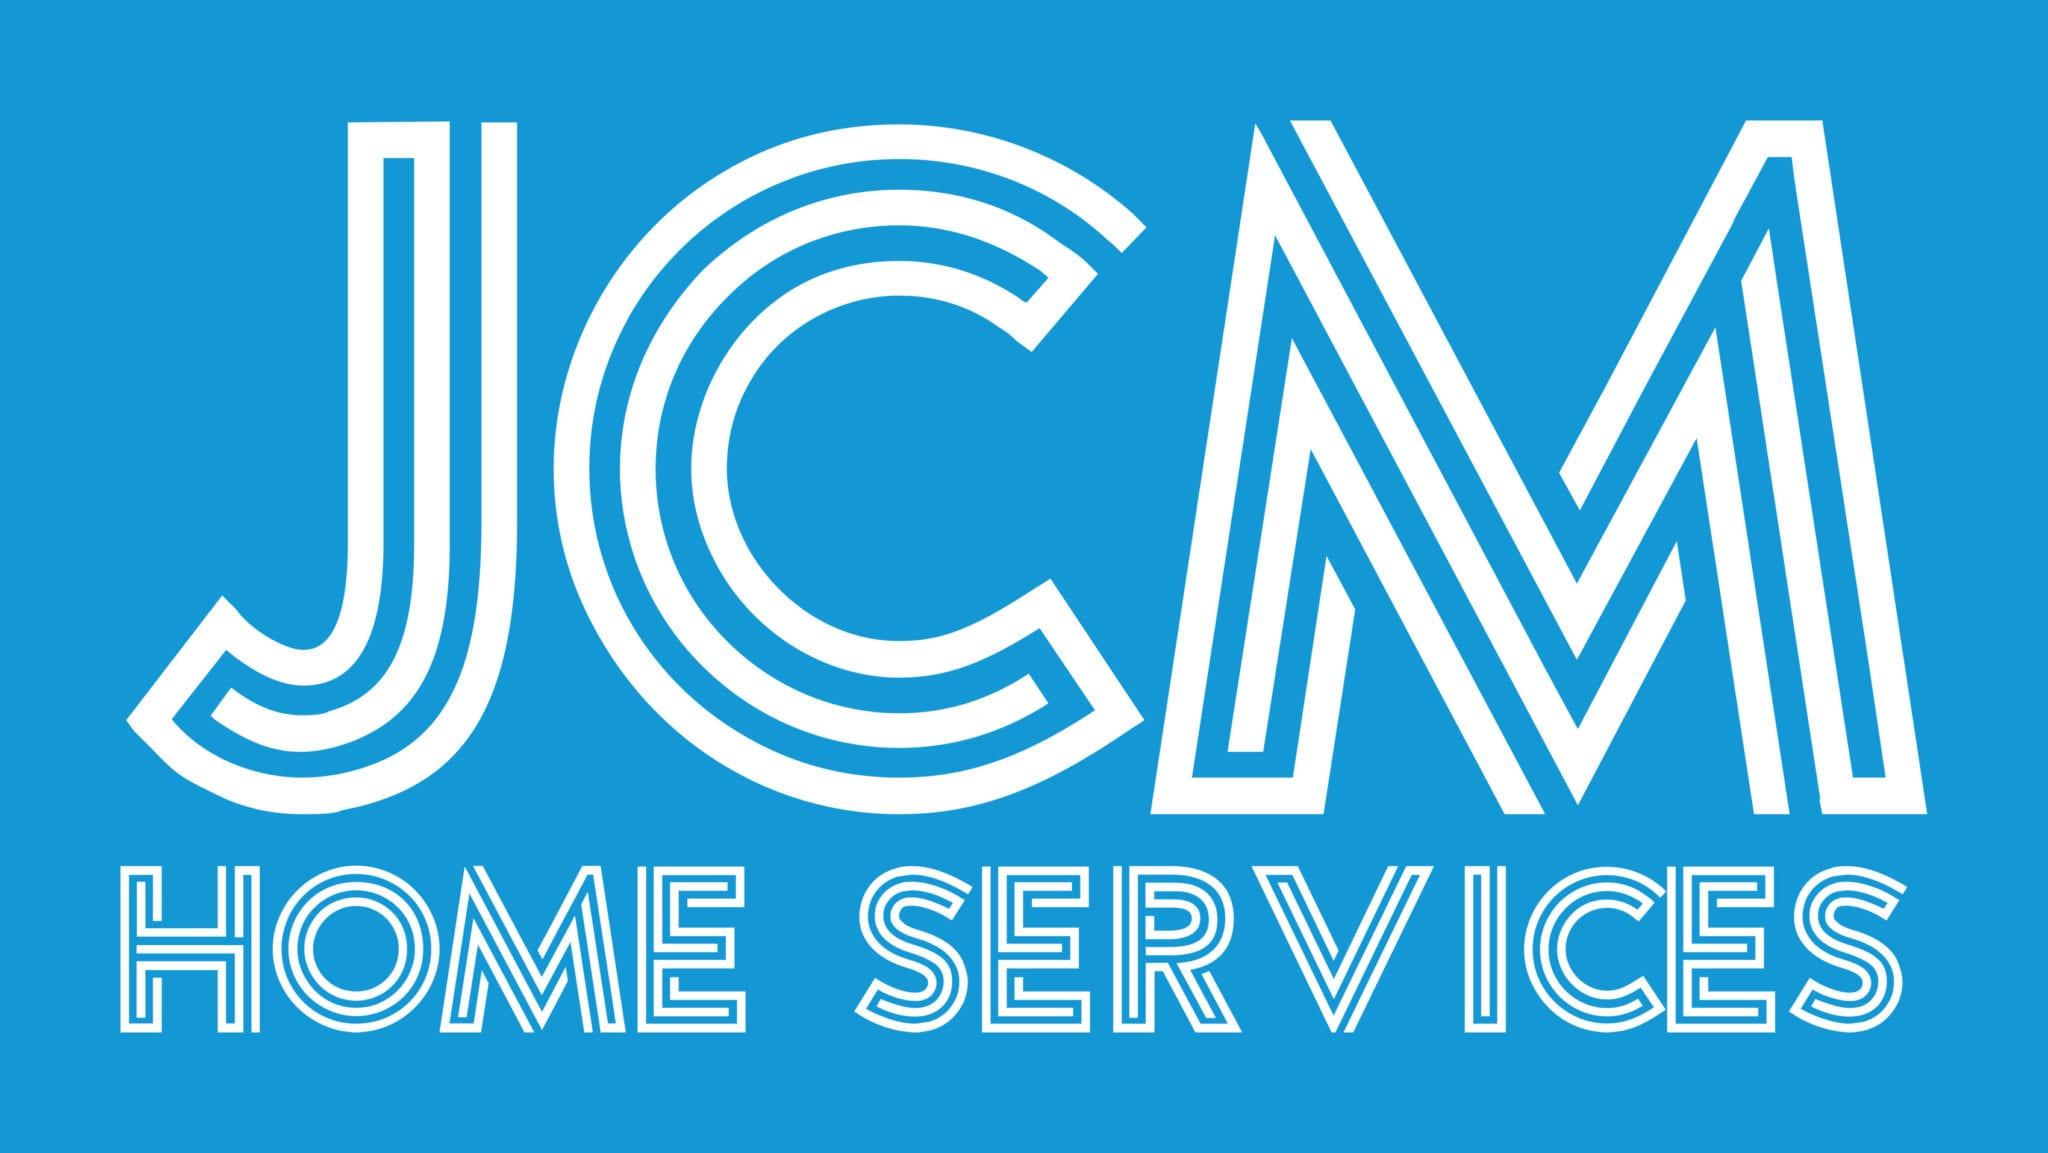 JCM Home Services